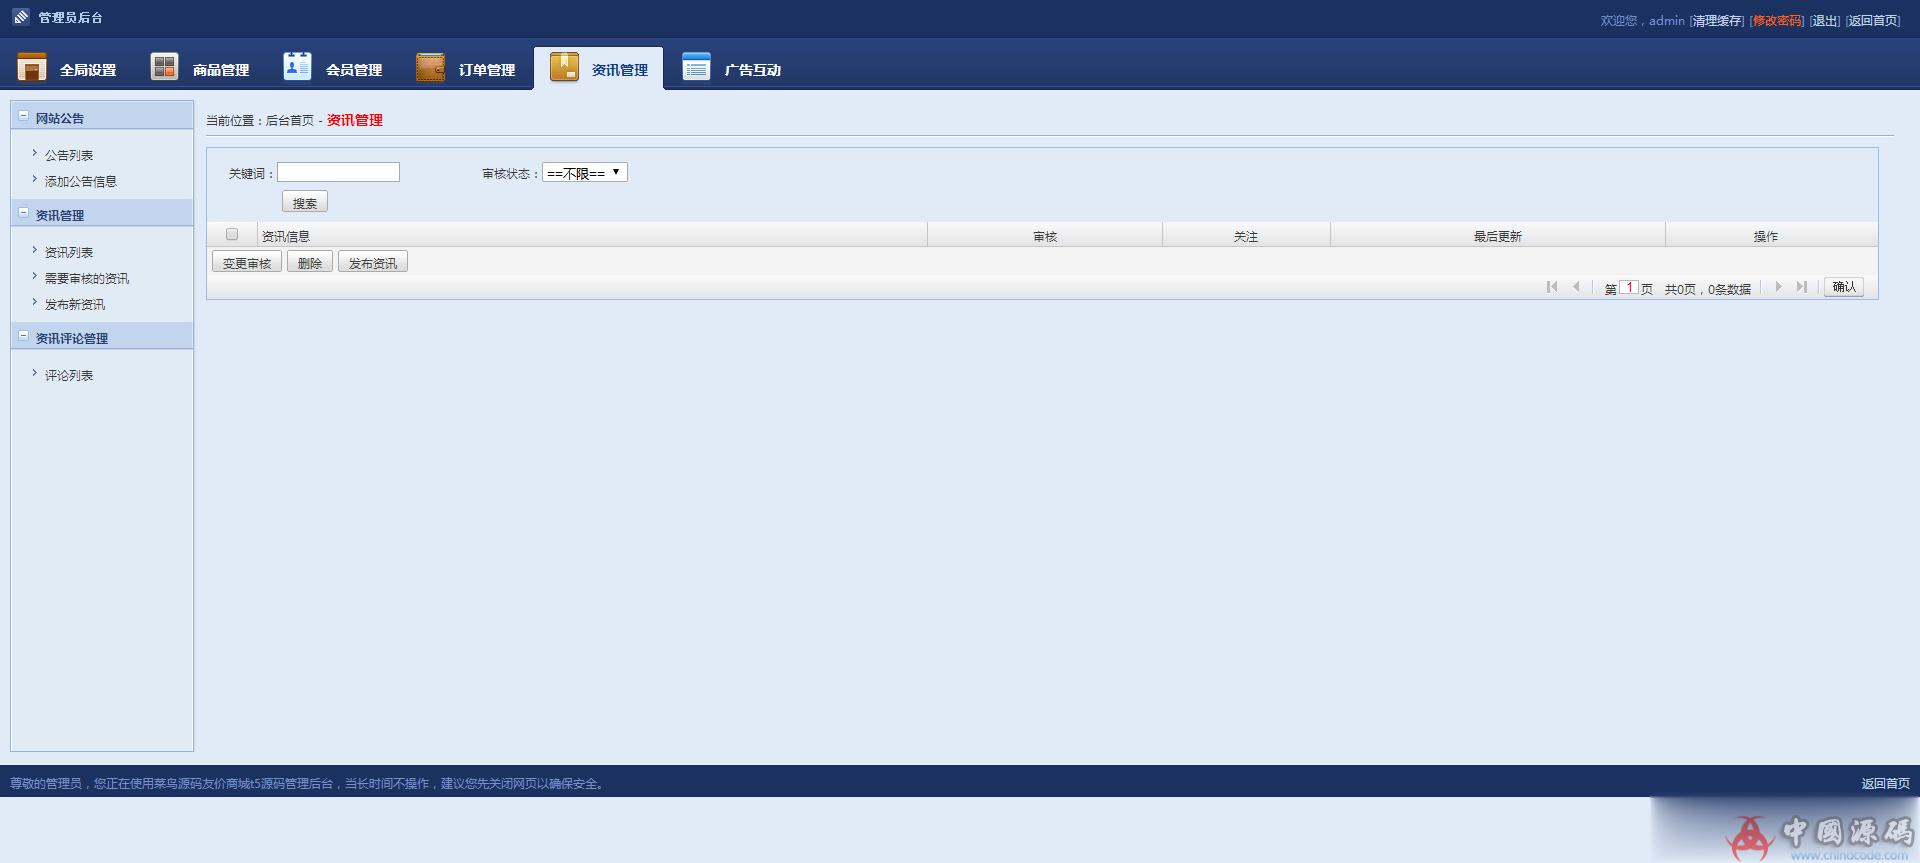 星期派正版数字交易平台源码友价T5内核加上星期派源码交易系统绿白风格模板 网站-第2张